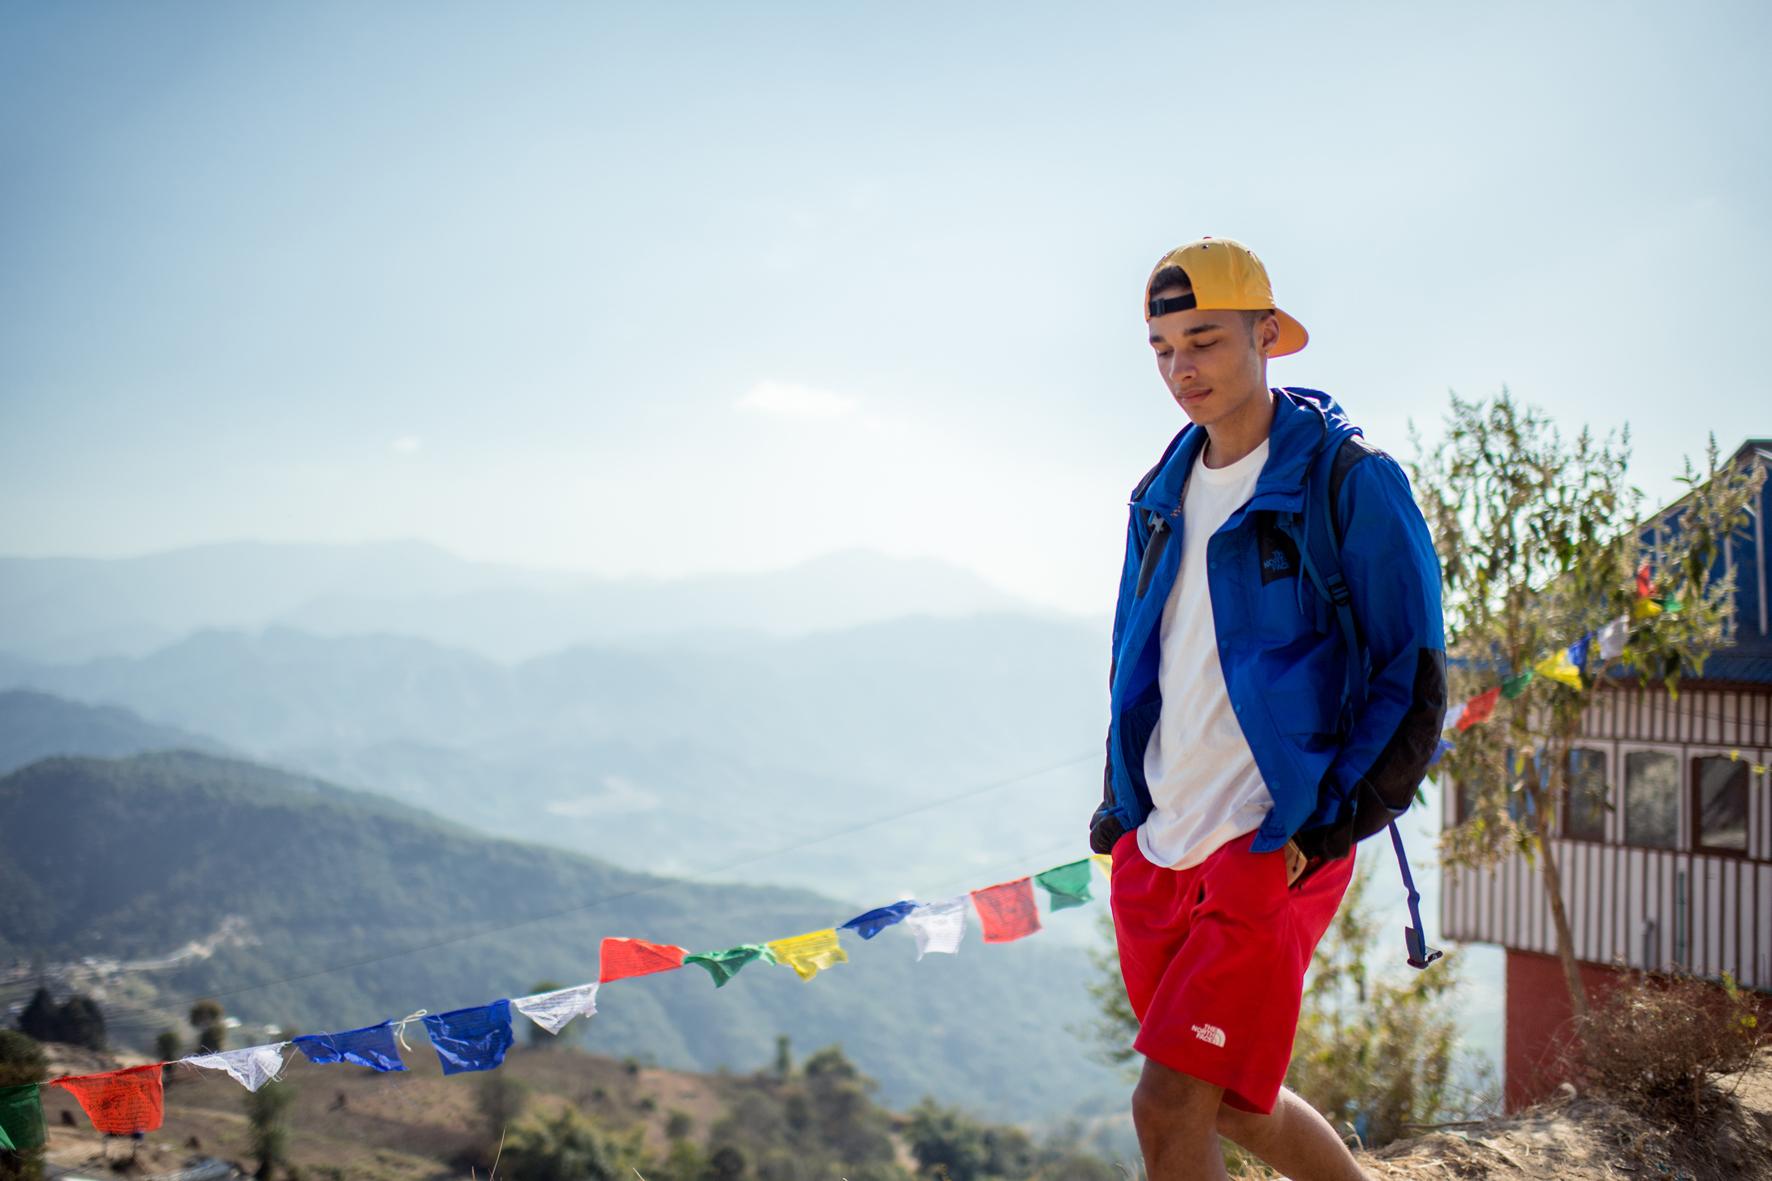 The North Face Khumbu